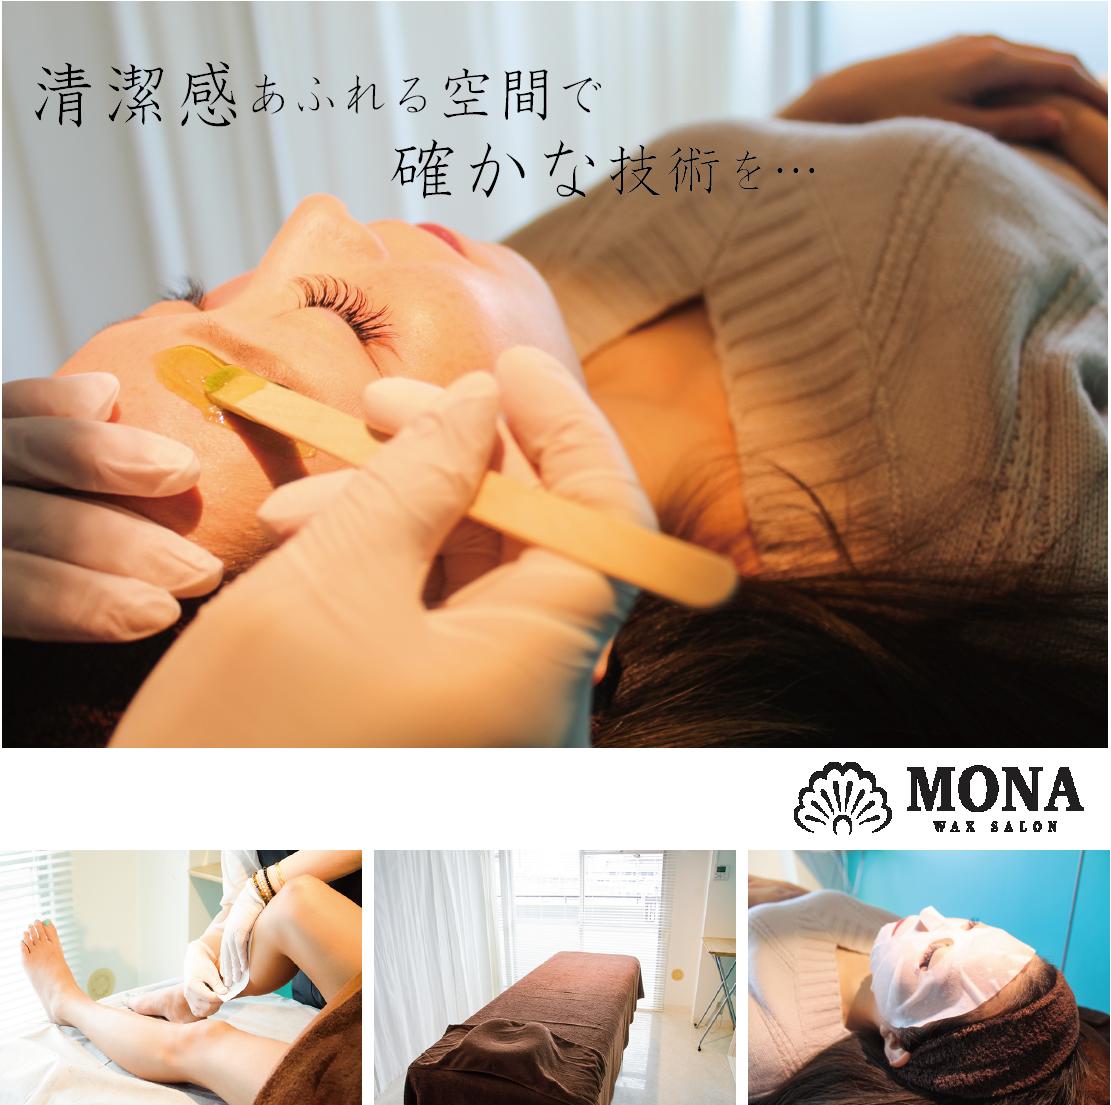 モナ(wax salon MONA)のメイン画像